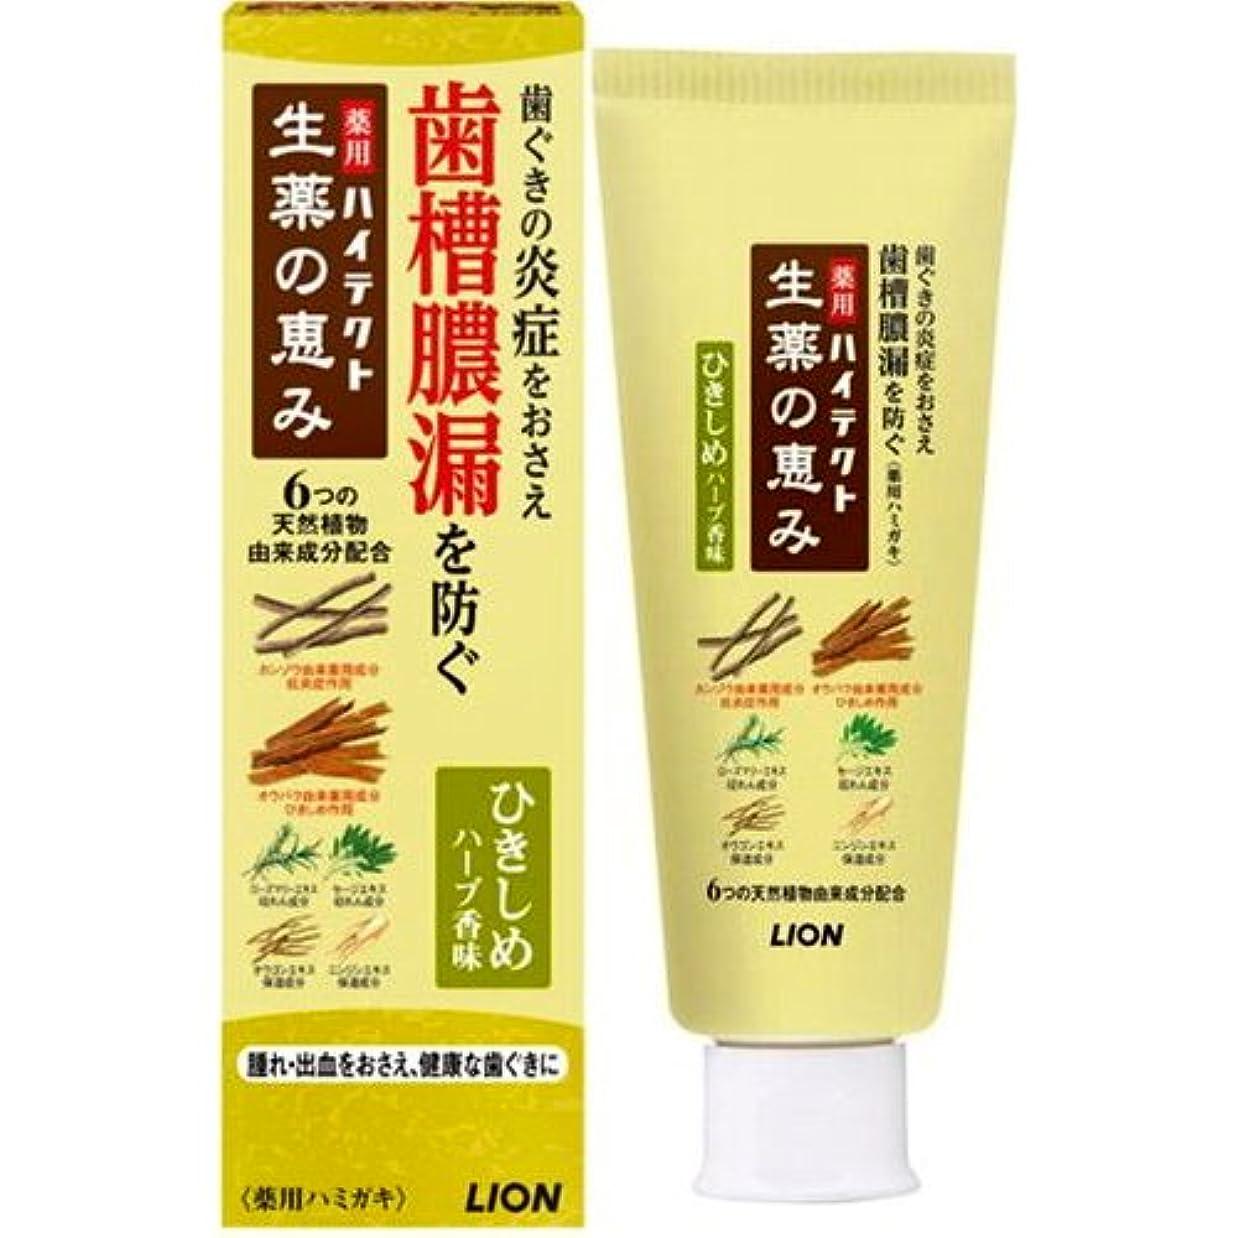 接尾辞濃度狂人【ライオン】ハイテクト 生薬の恵み ひきしめハーブ香味 90g ×3個セット